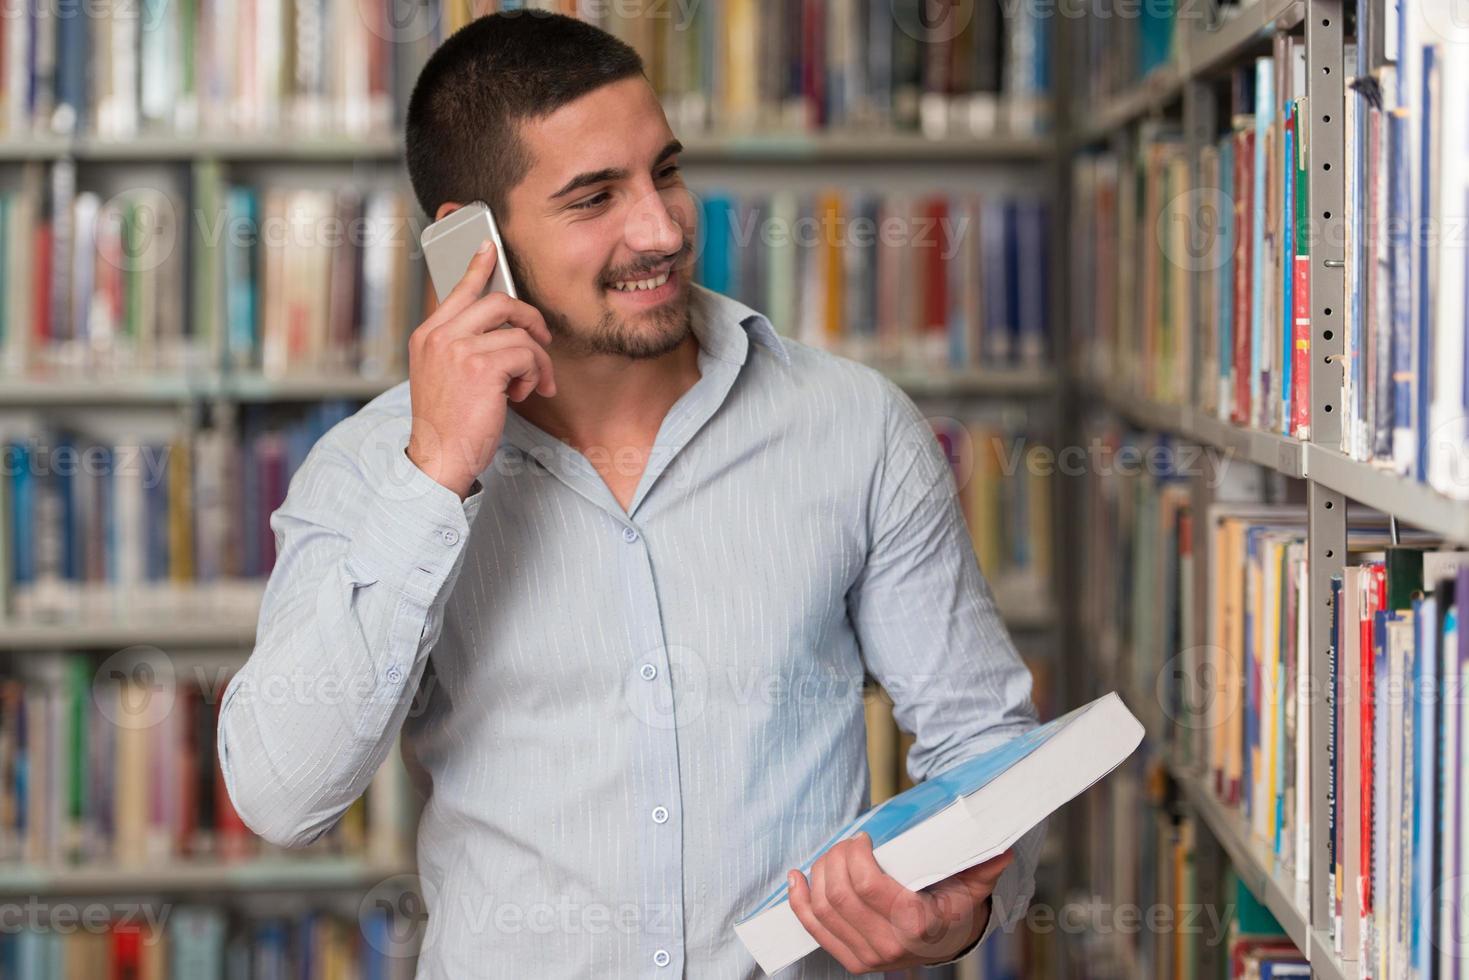 estudante do sexo masculino falando ao telefone na biblioteca foto